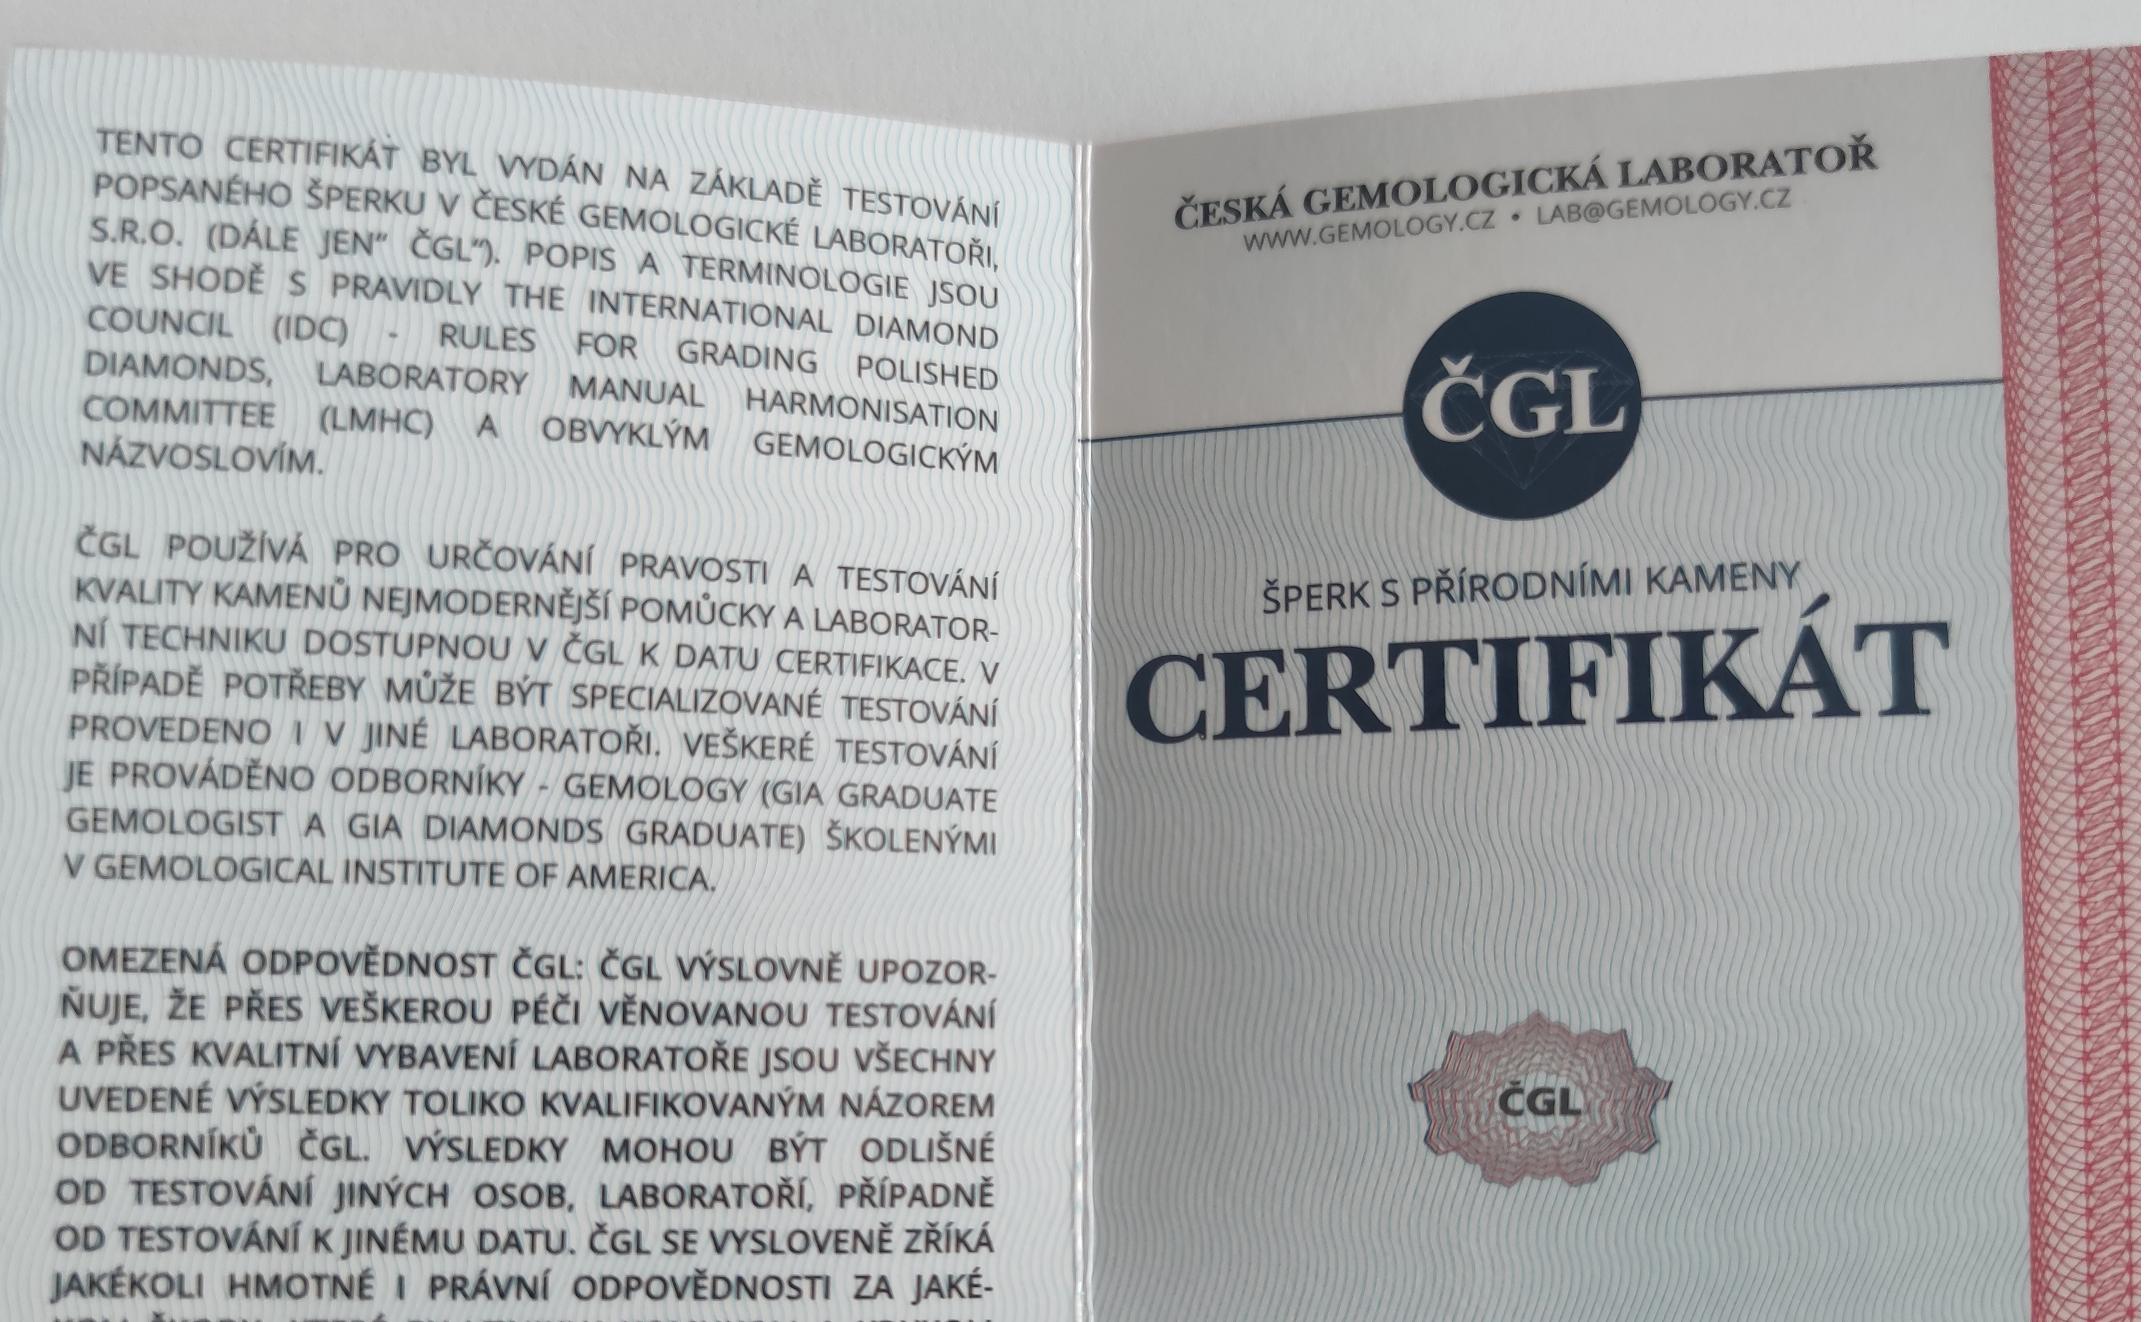 ceska_gemologicka_laborator_1